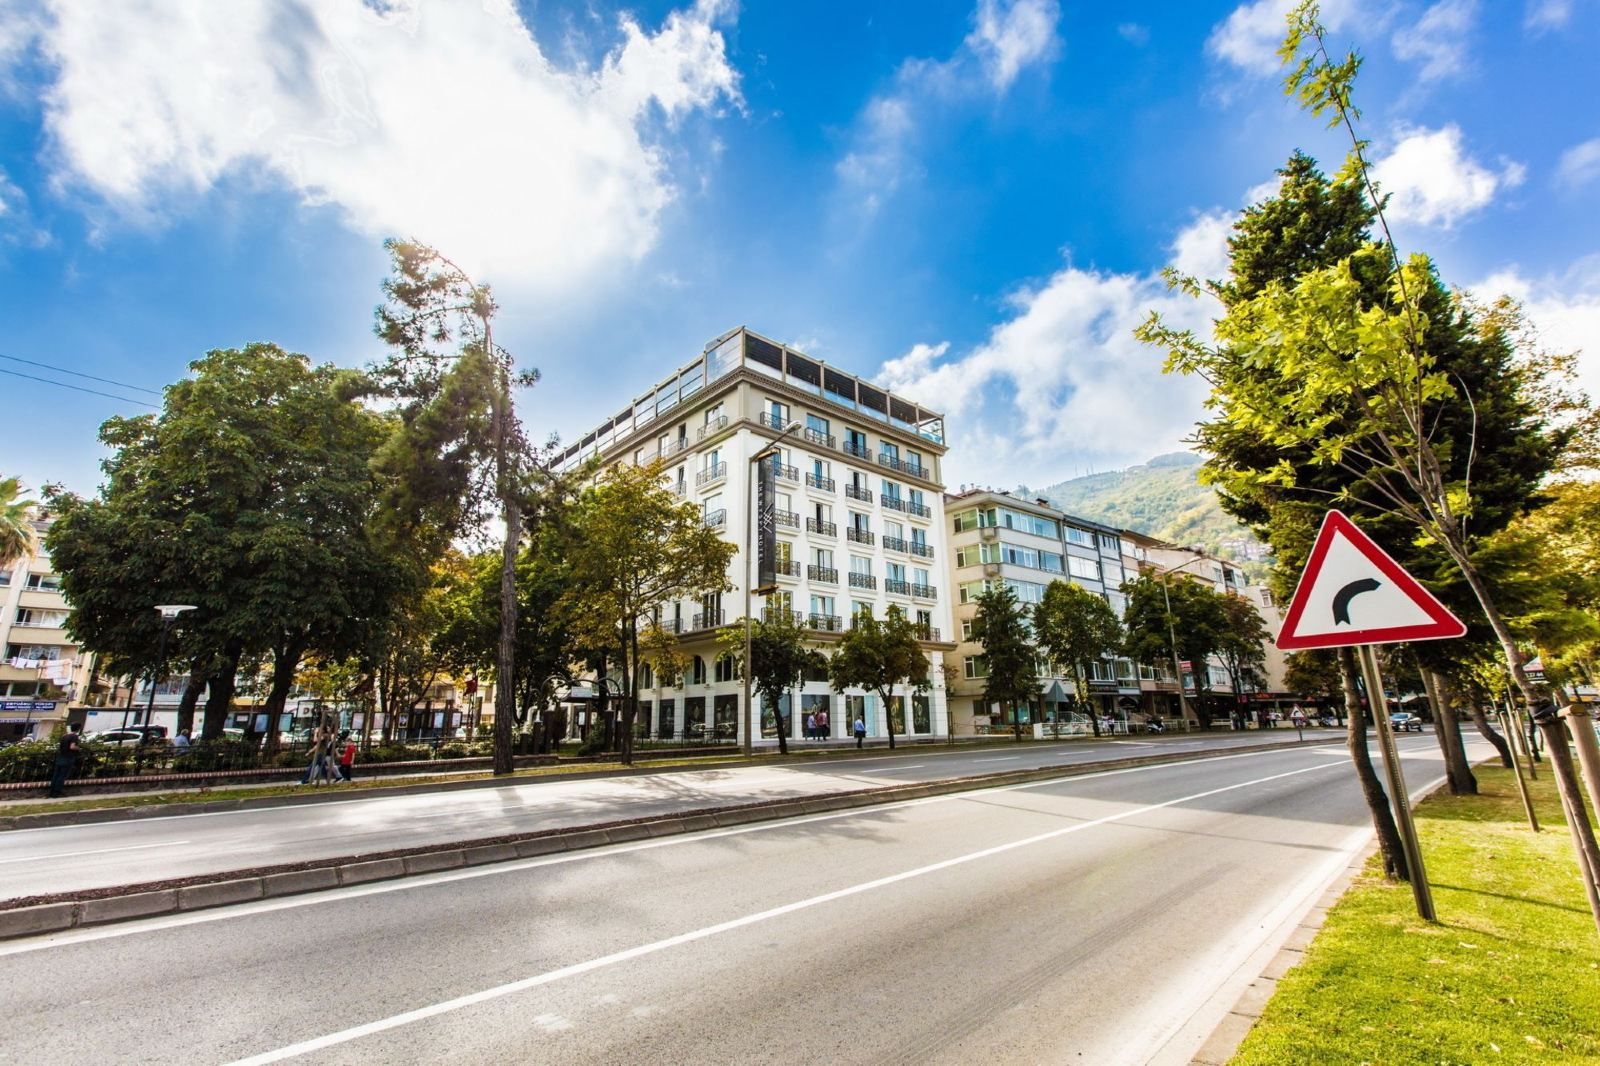 The Wyspy Hotel